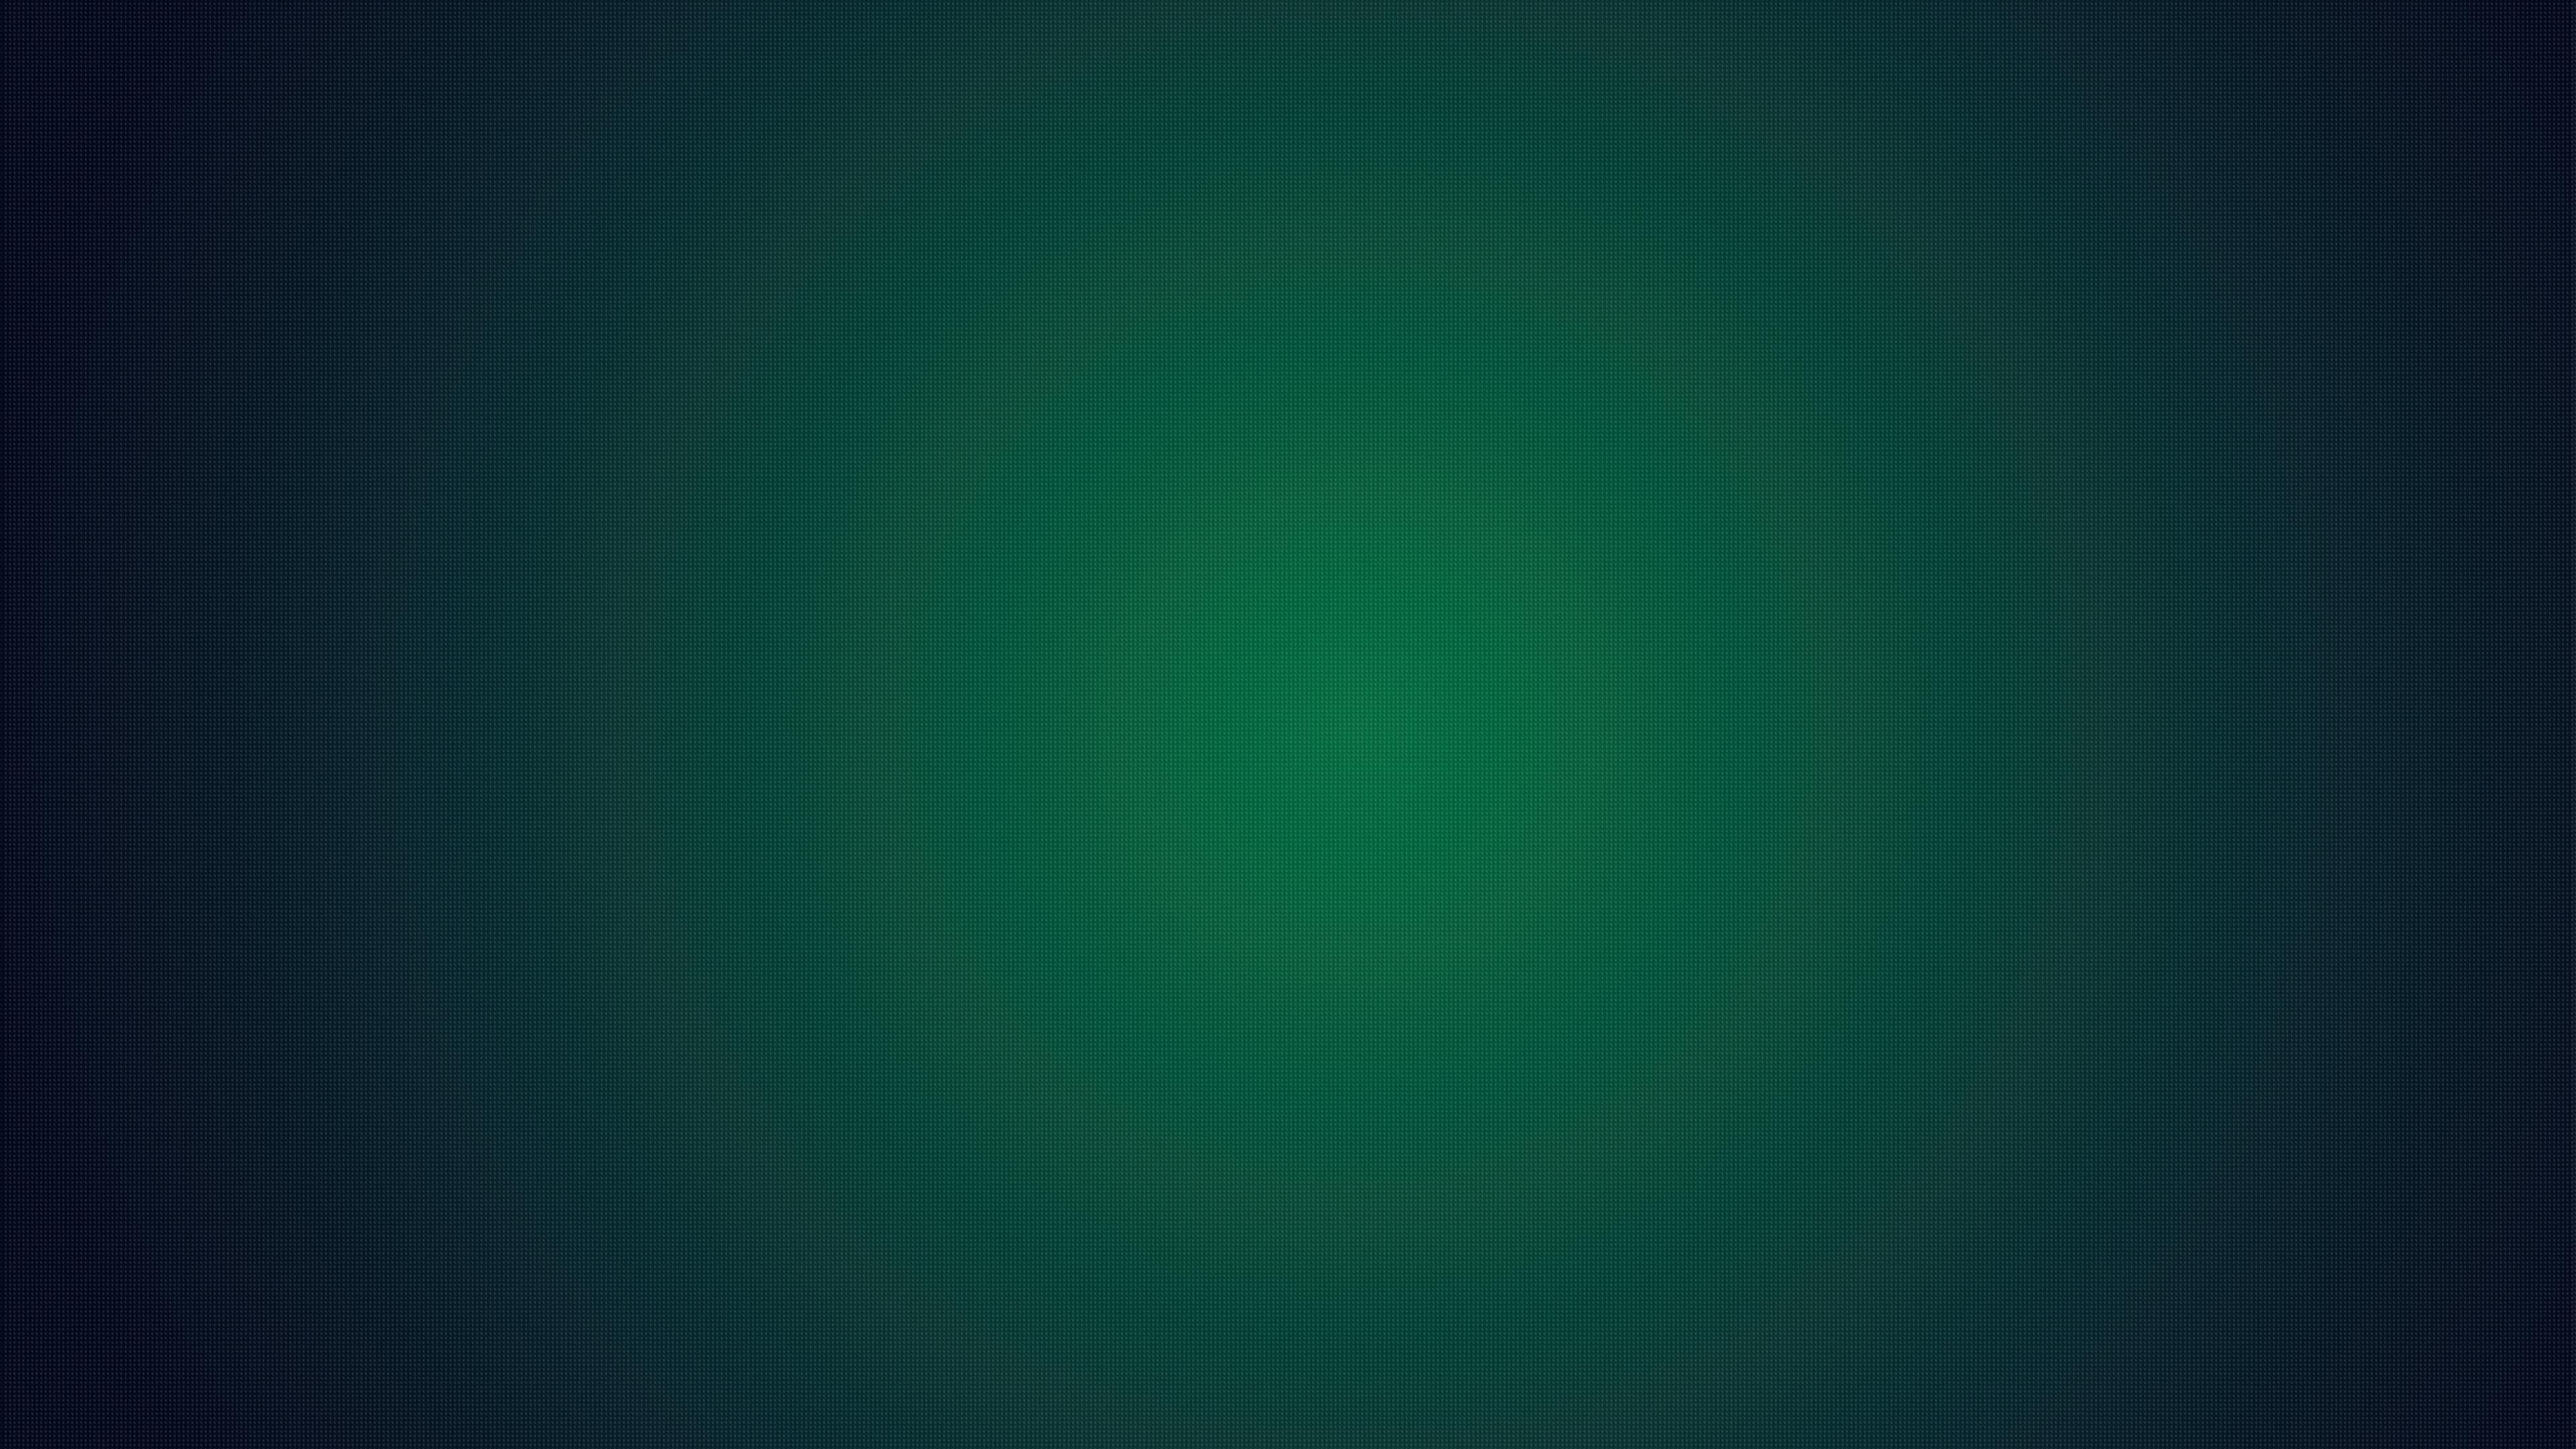 4k green abstract 1539371212 - 4k Green Abstract - hd-wallpapers, green wallpapers, gradient wallpapers, abstract wallpapers, 4k-wallpapers